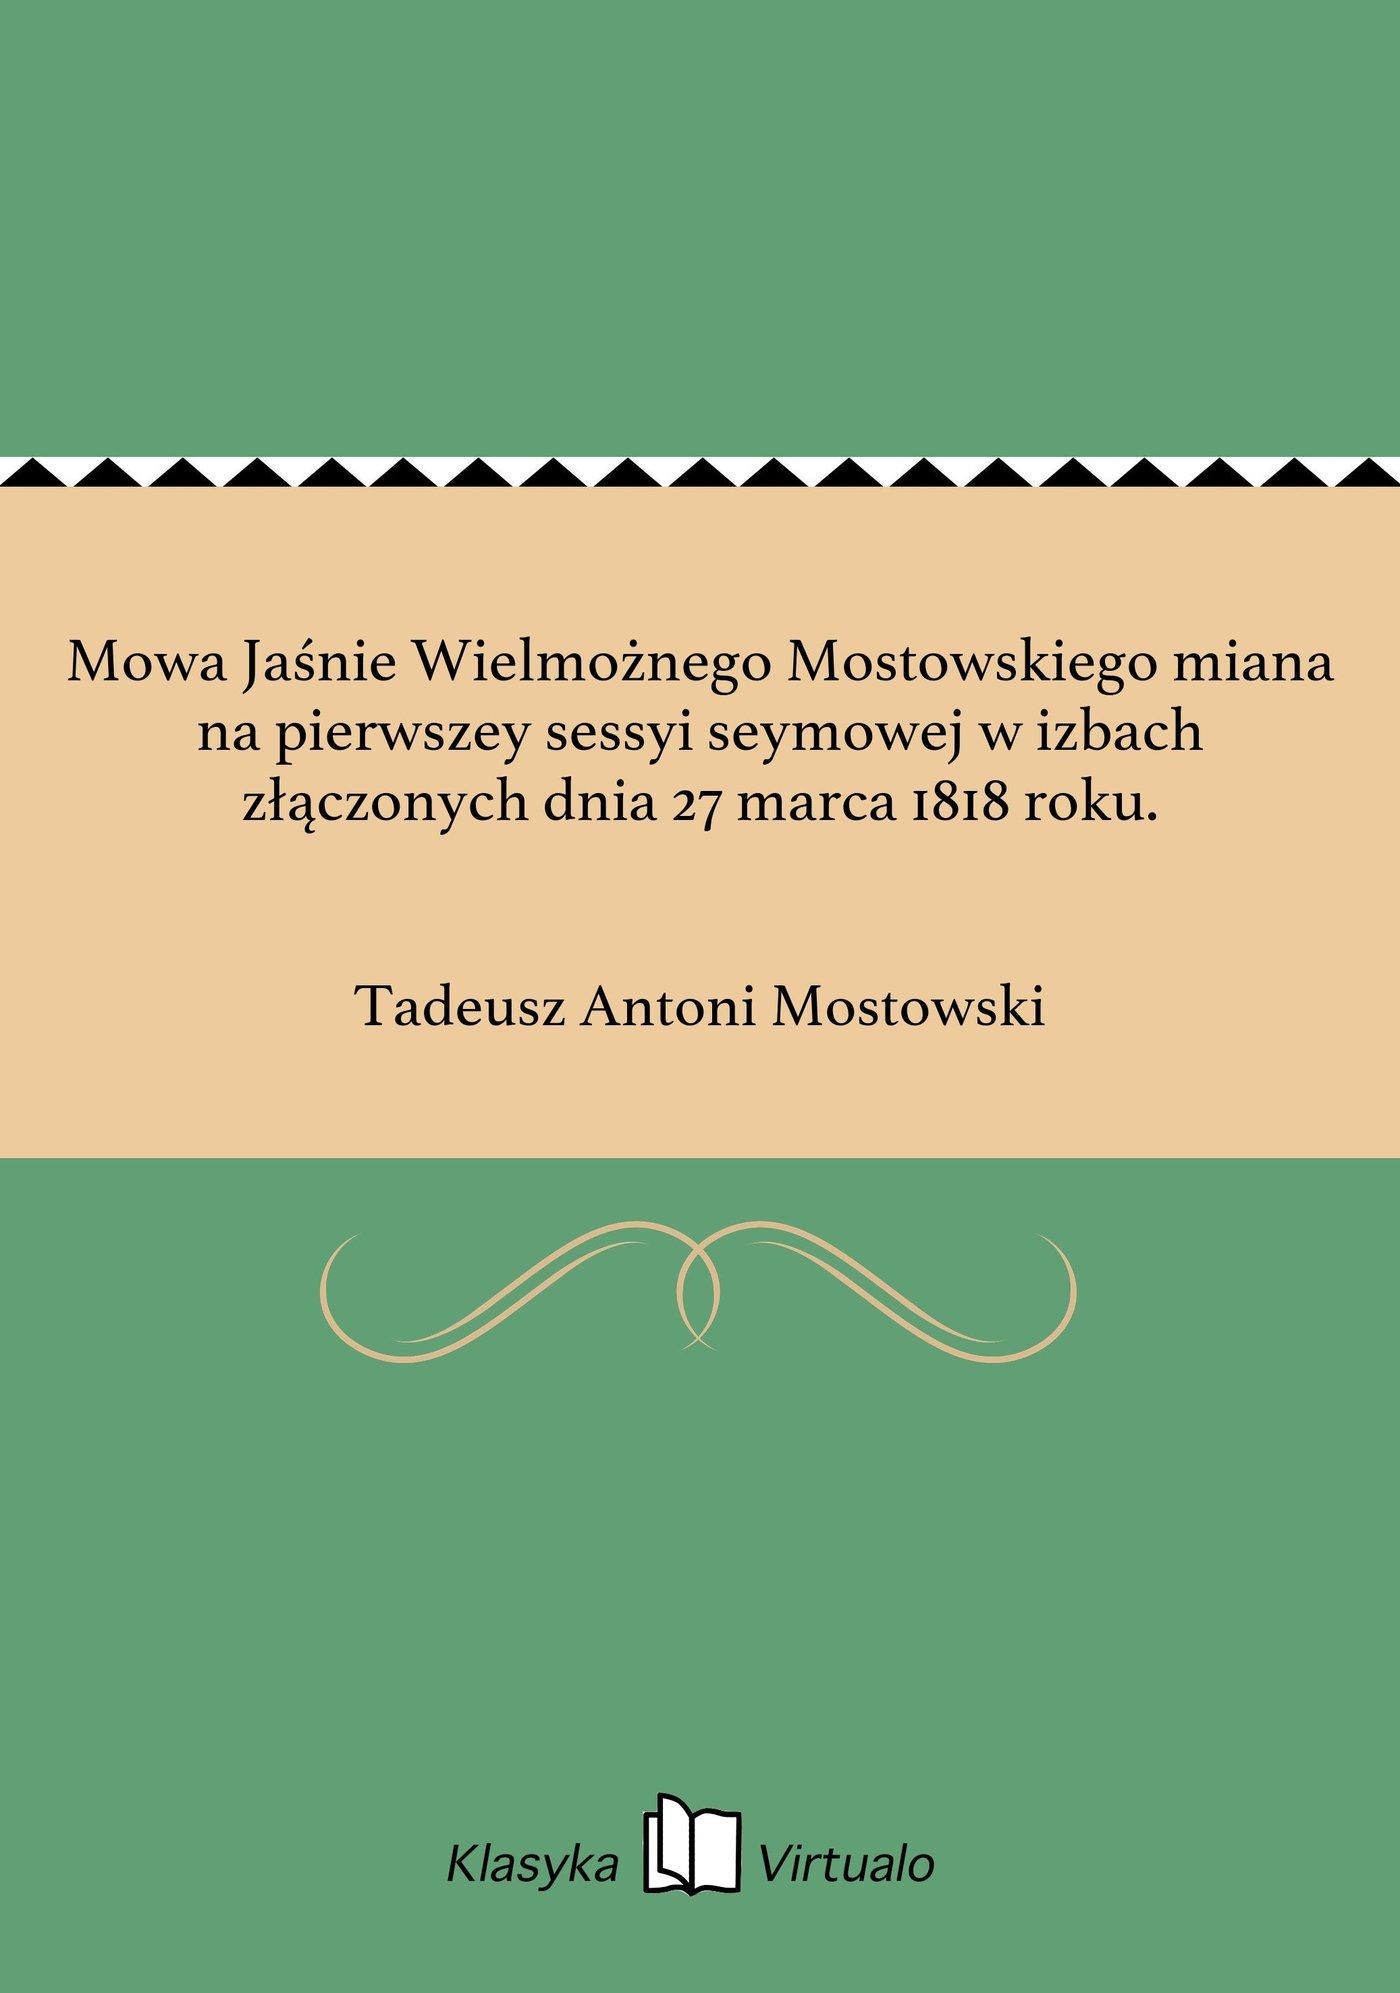 Mowa Jaśnie Wielmożnego Mostowskiego miana na pierwszey sessyi seymowej w izbach złączonych dnia 27 marca 1818 roku. - Ebook (Książka EPUB) do pobrania w formacie EPUB